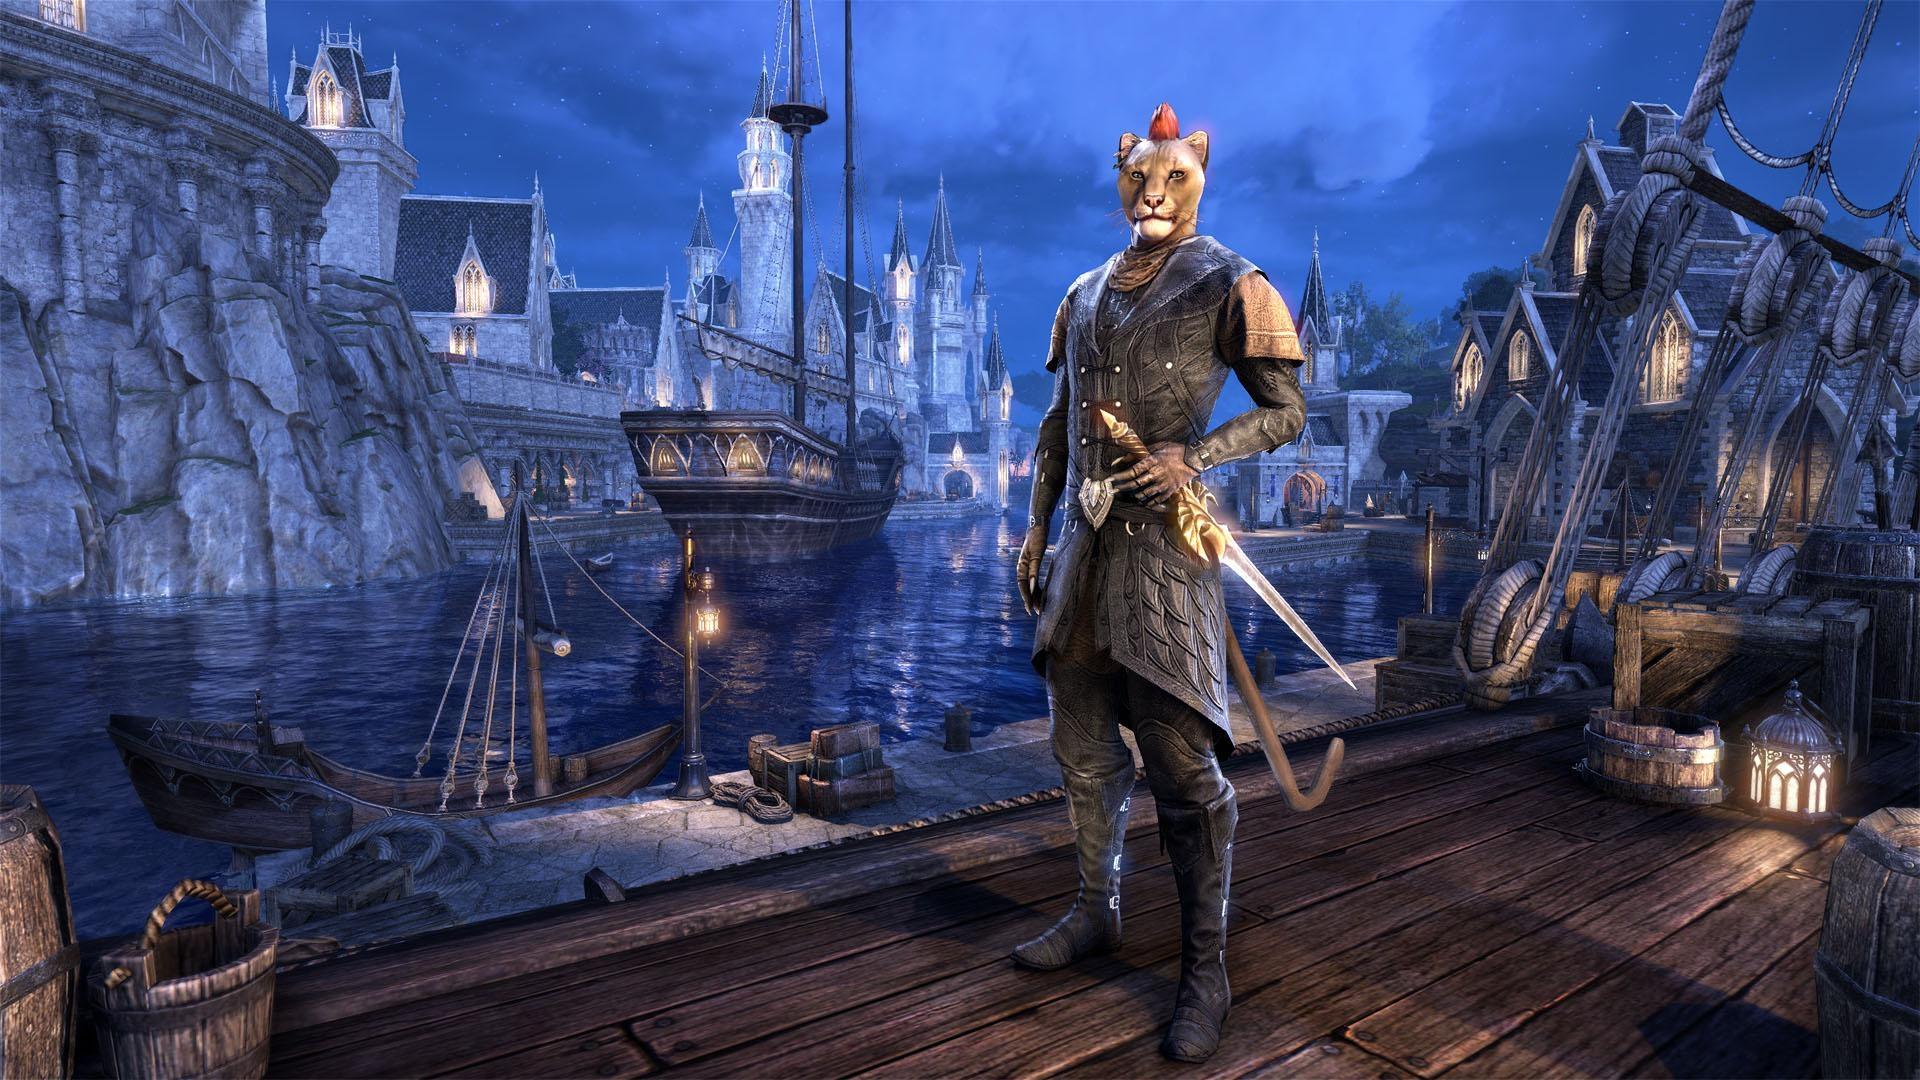 Количество игроков онлайн в The Elder Scrolls Online достигает 15 миллионов